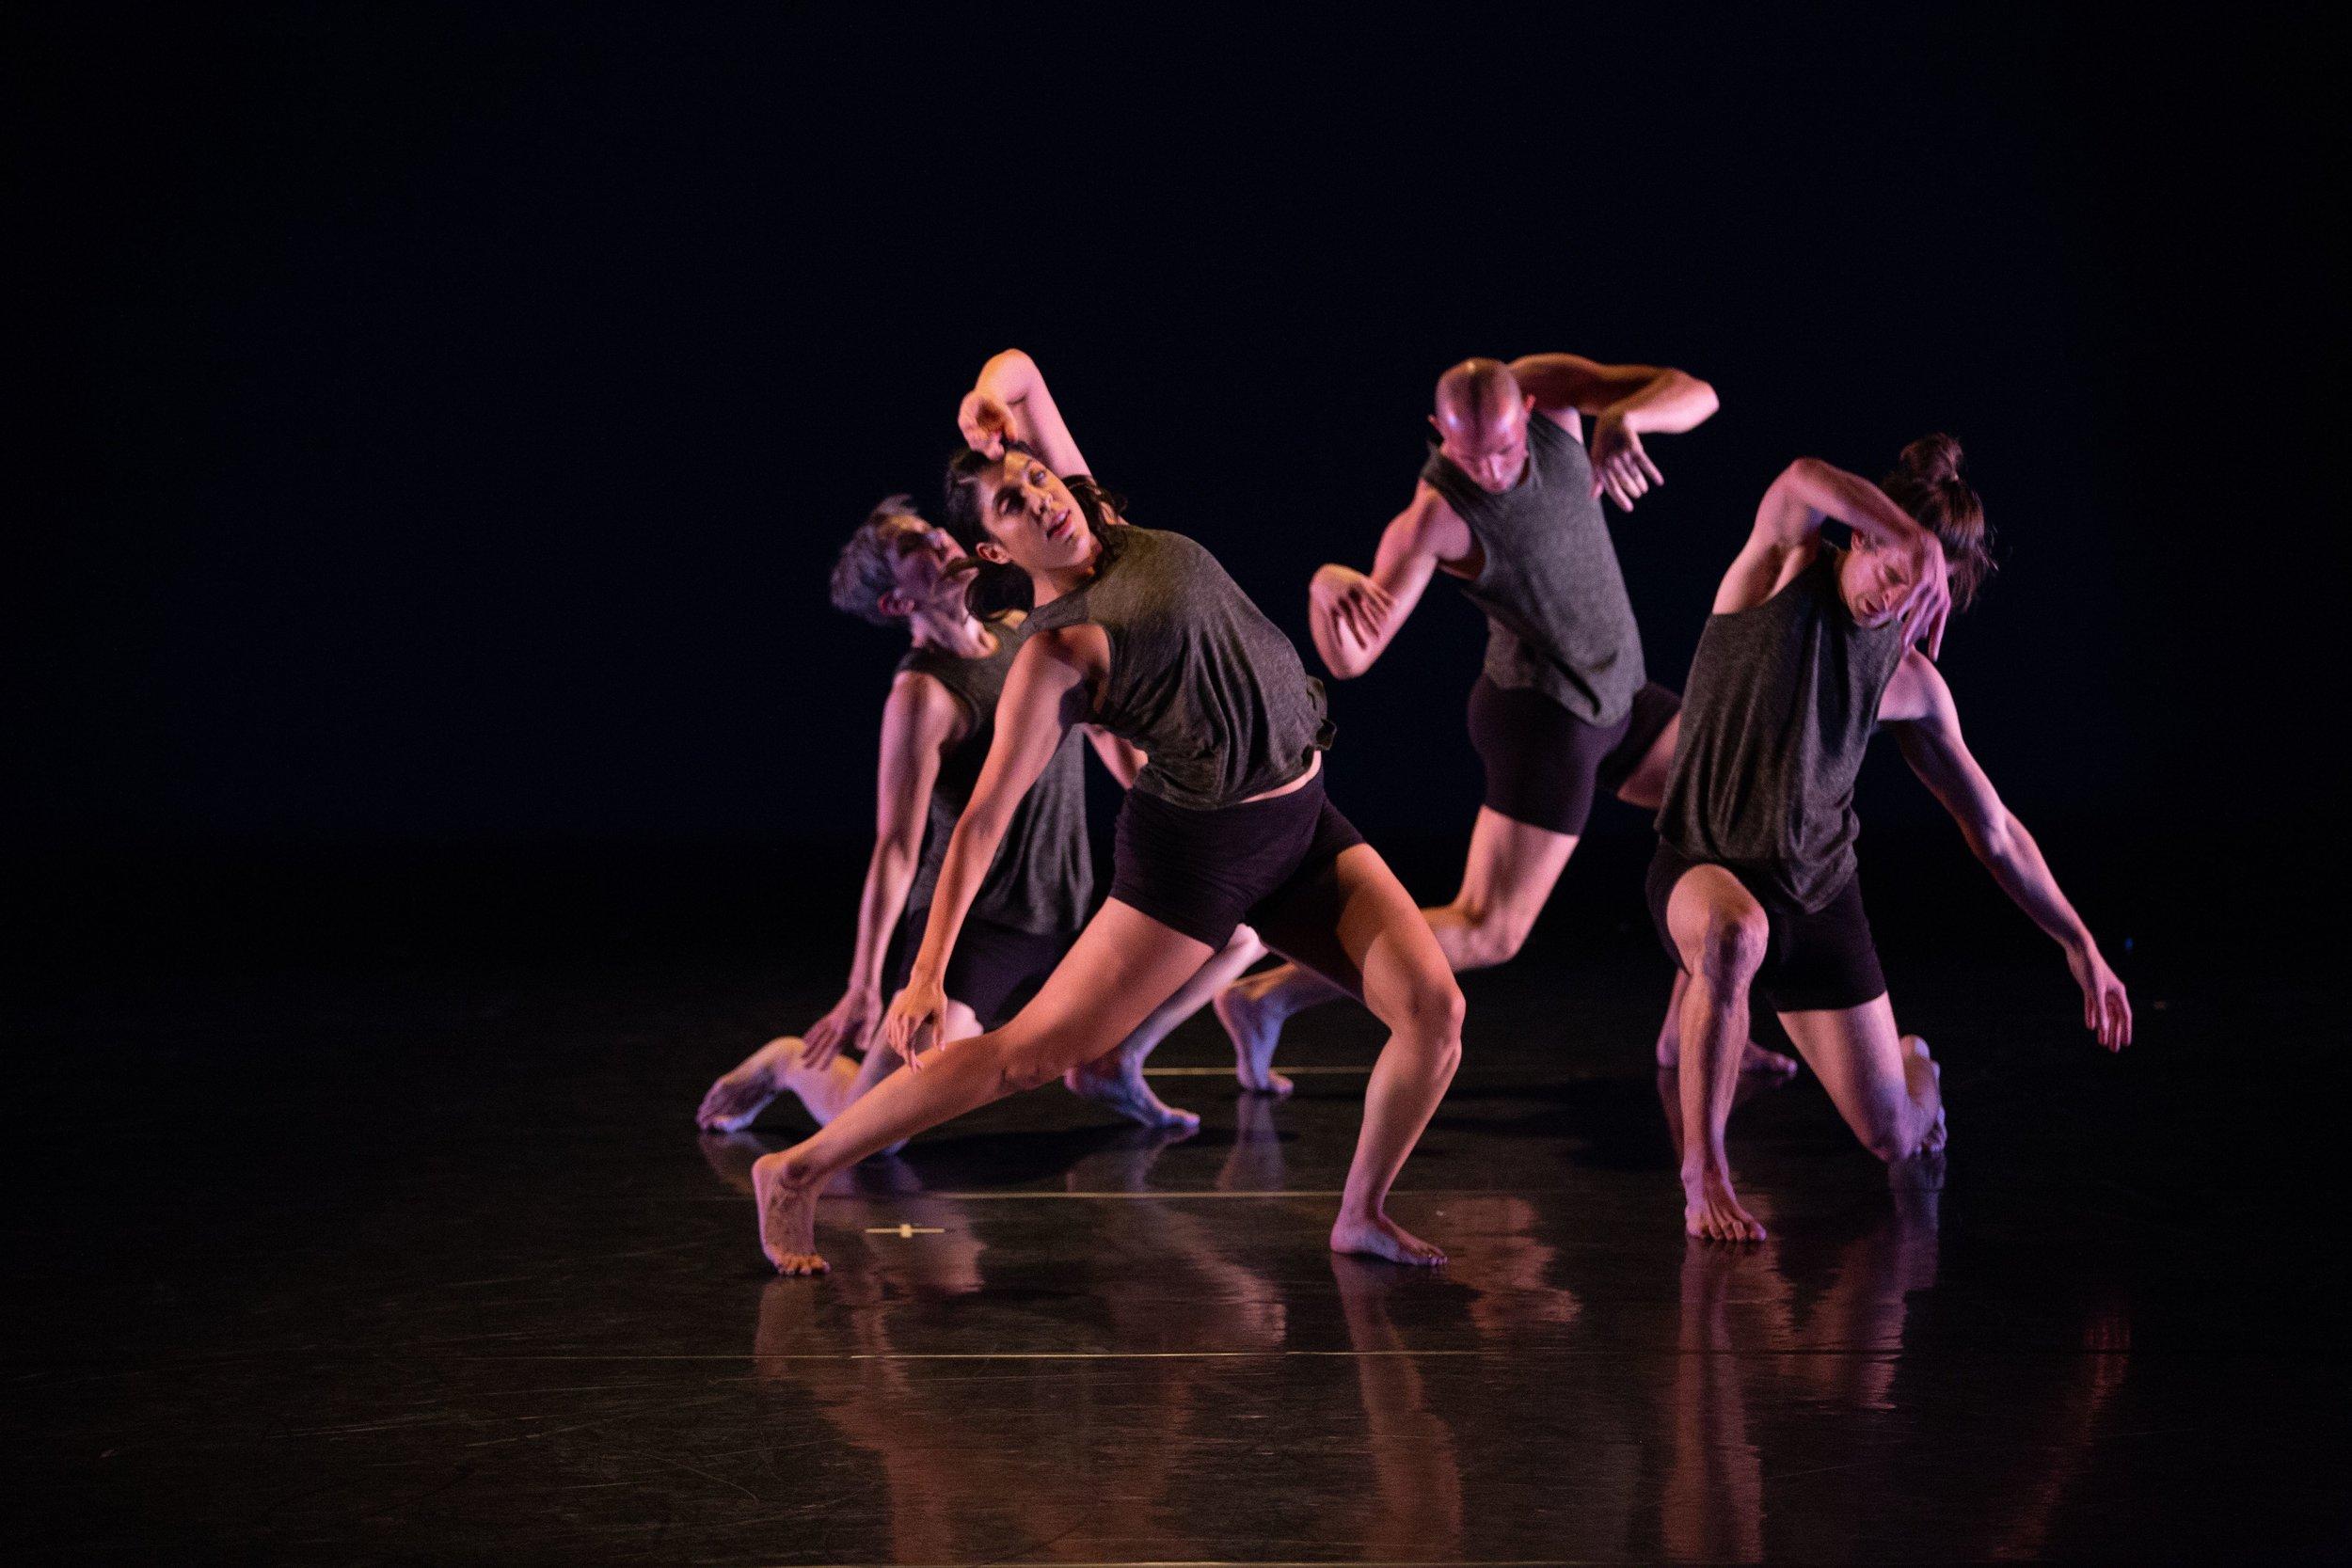 VADCO/Valerie Alpert Dance